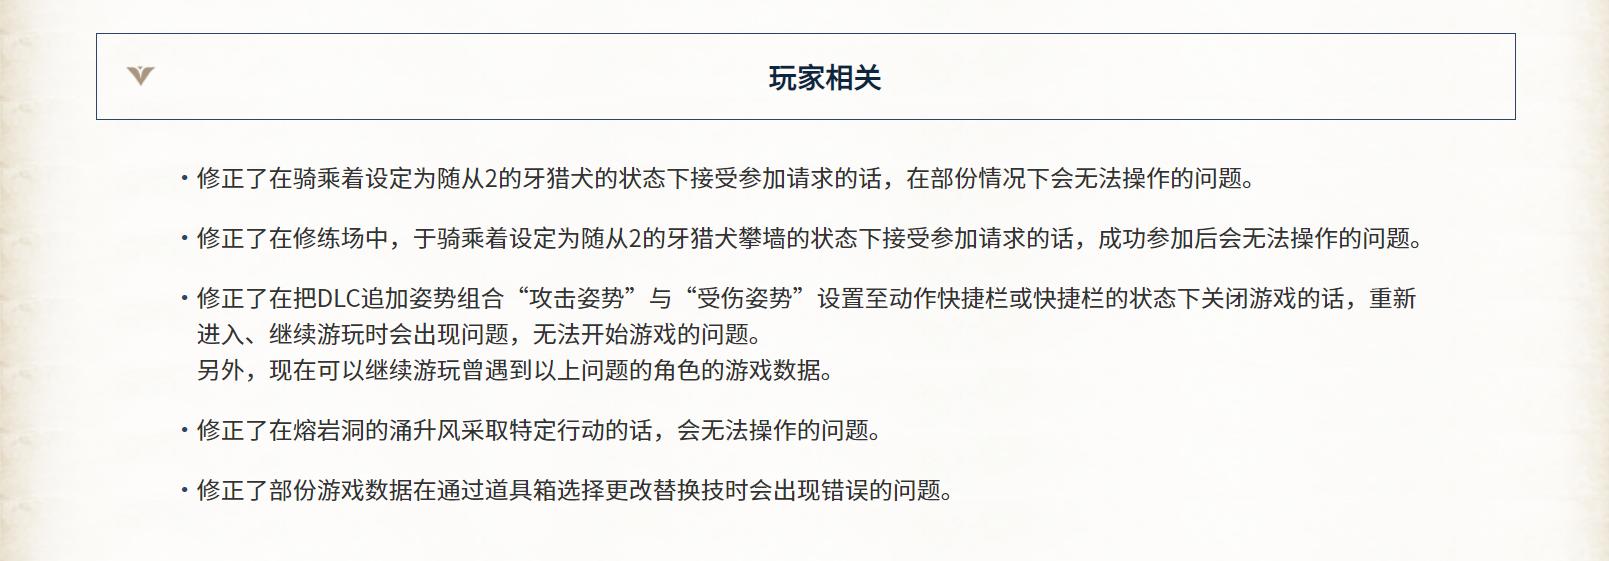 《怪物猎人:崛起》1.1.2更新现已推出 中文更新日志